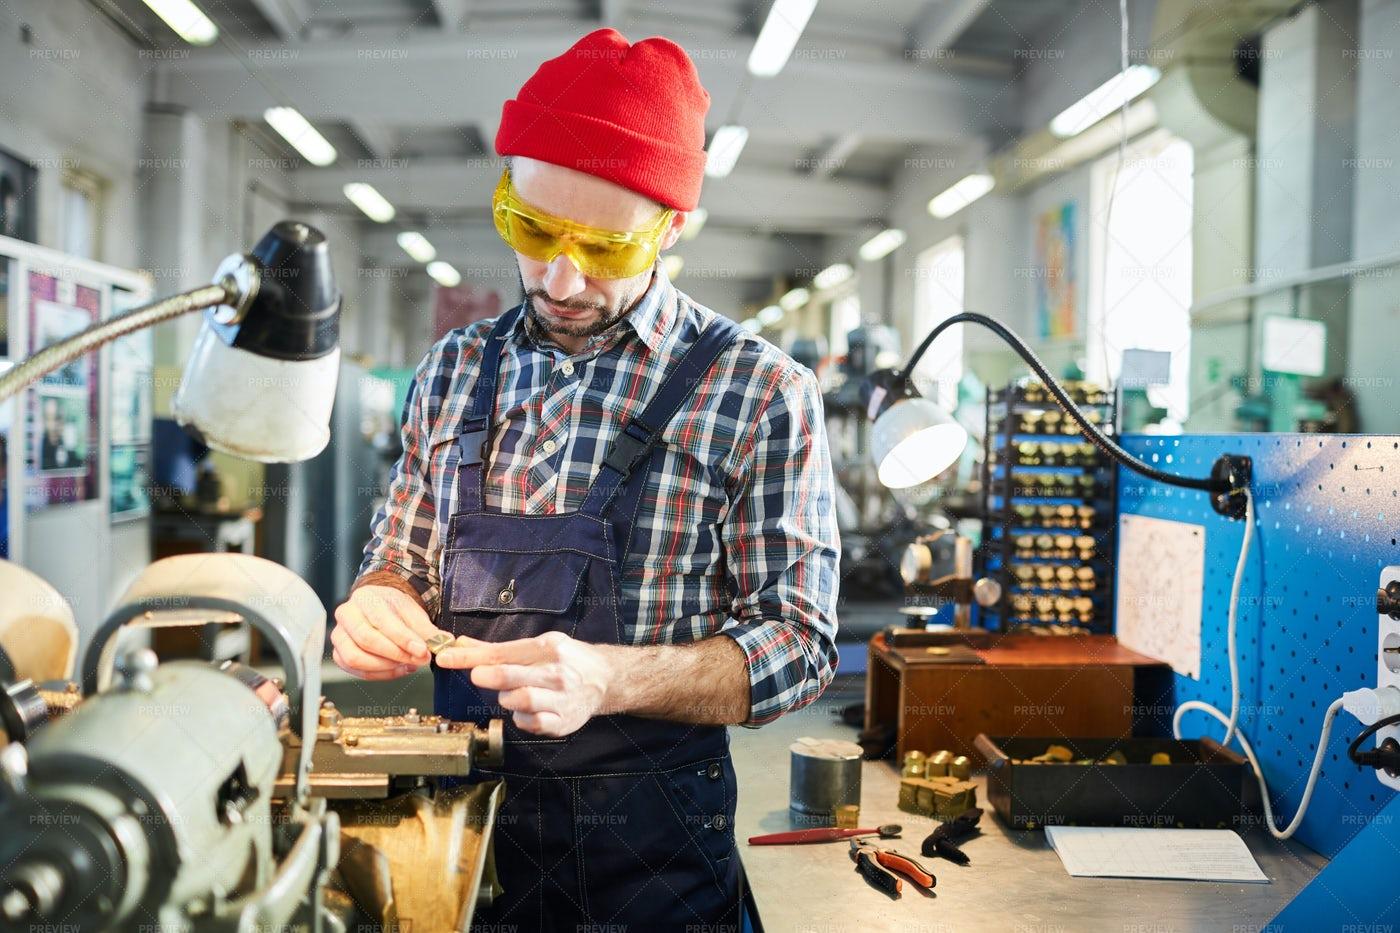 Factory Worker Assembling Mechanism: Stock Photos